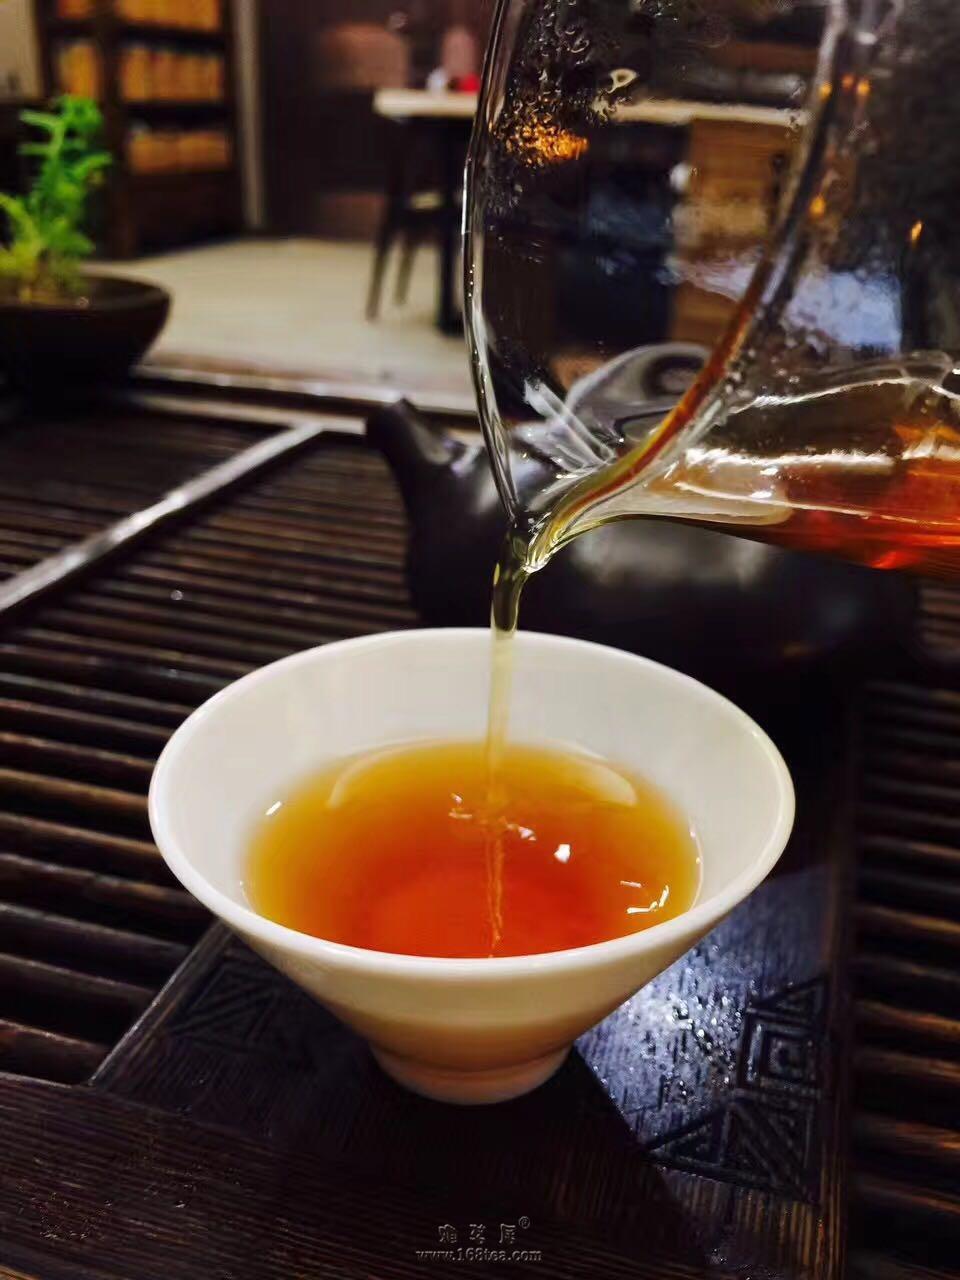 开个懒人专题:说一说你今天喝茶的体验。